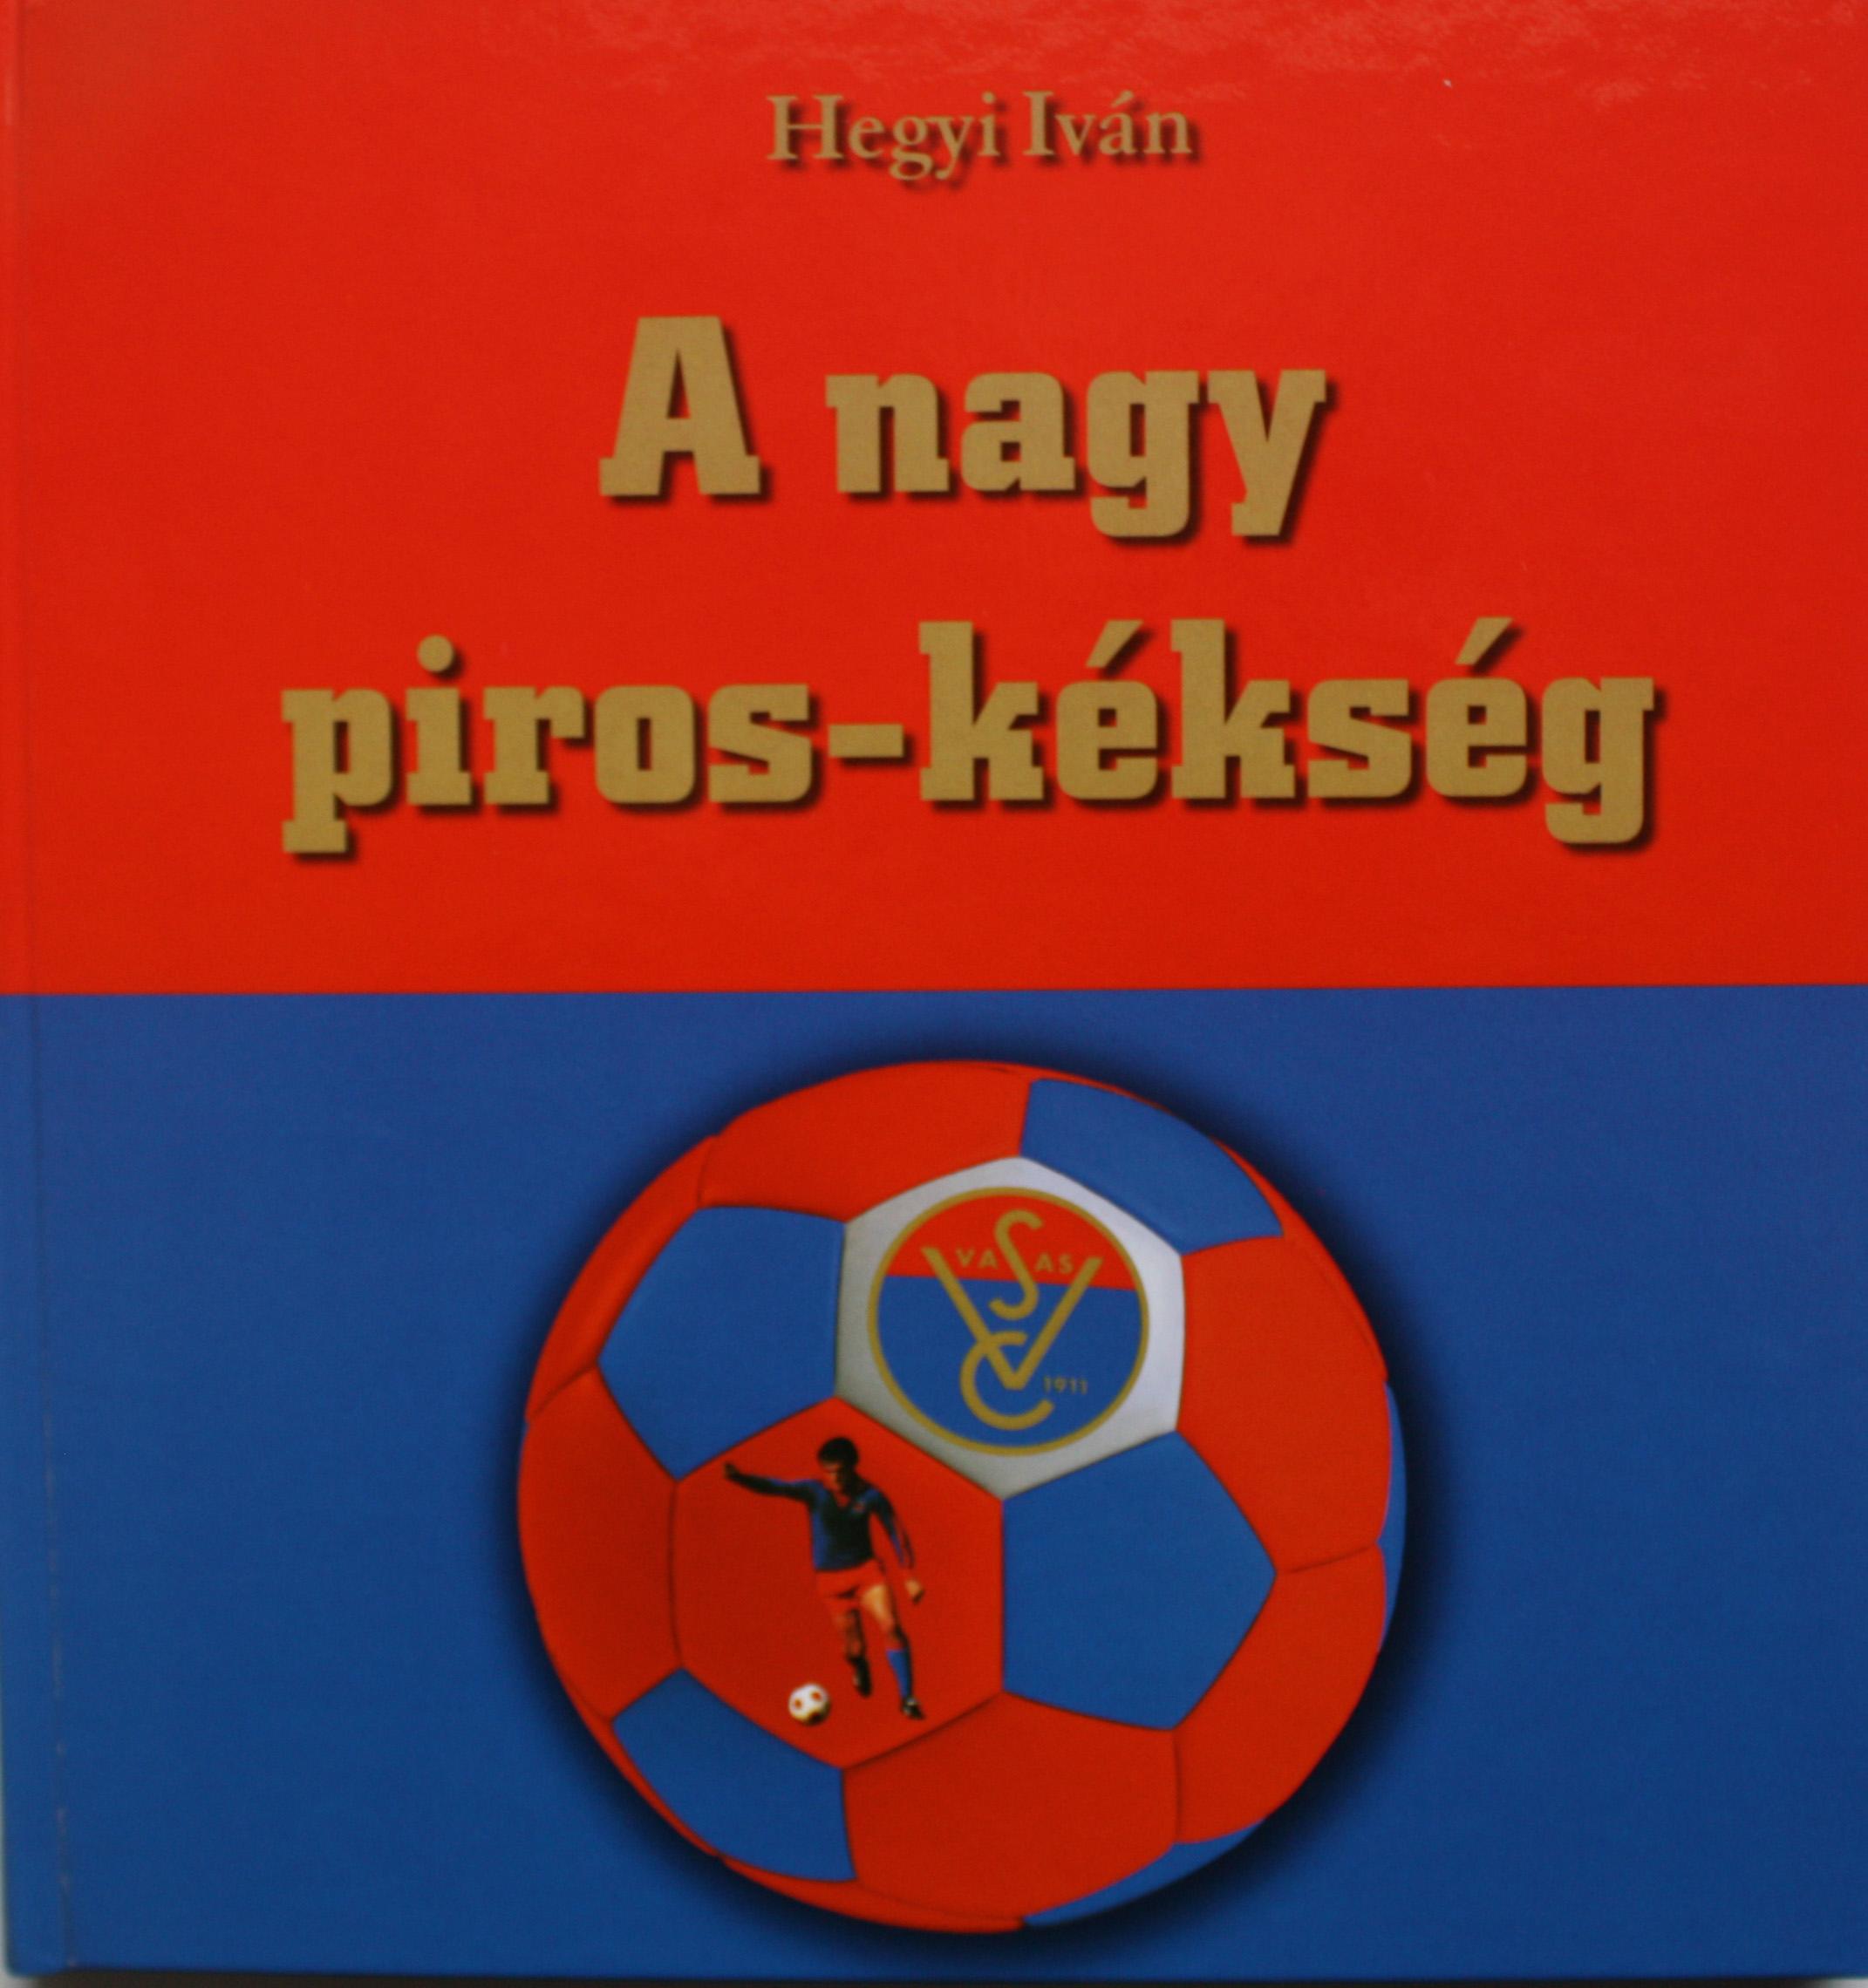 Vasas SC - Webáruház - Hegyi Iván  A nagy piros-kékség 359c8c6935